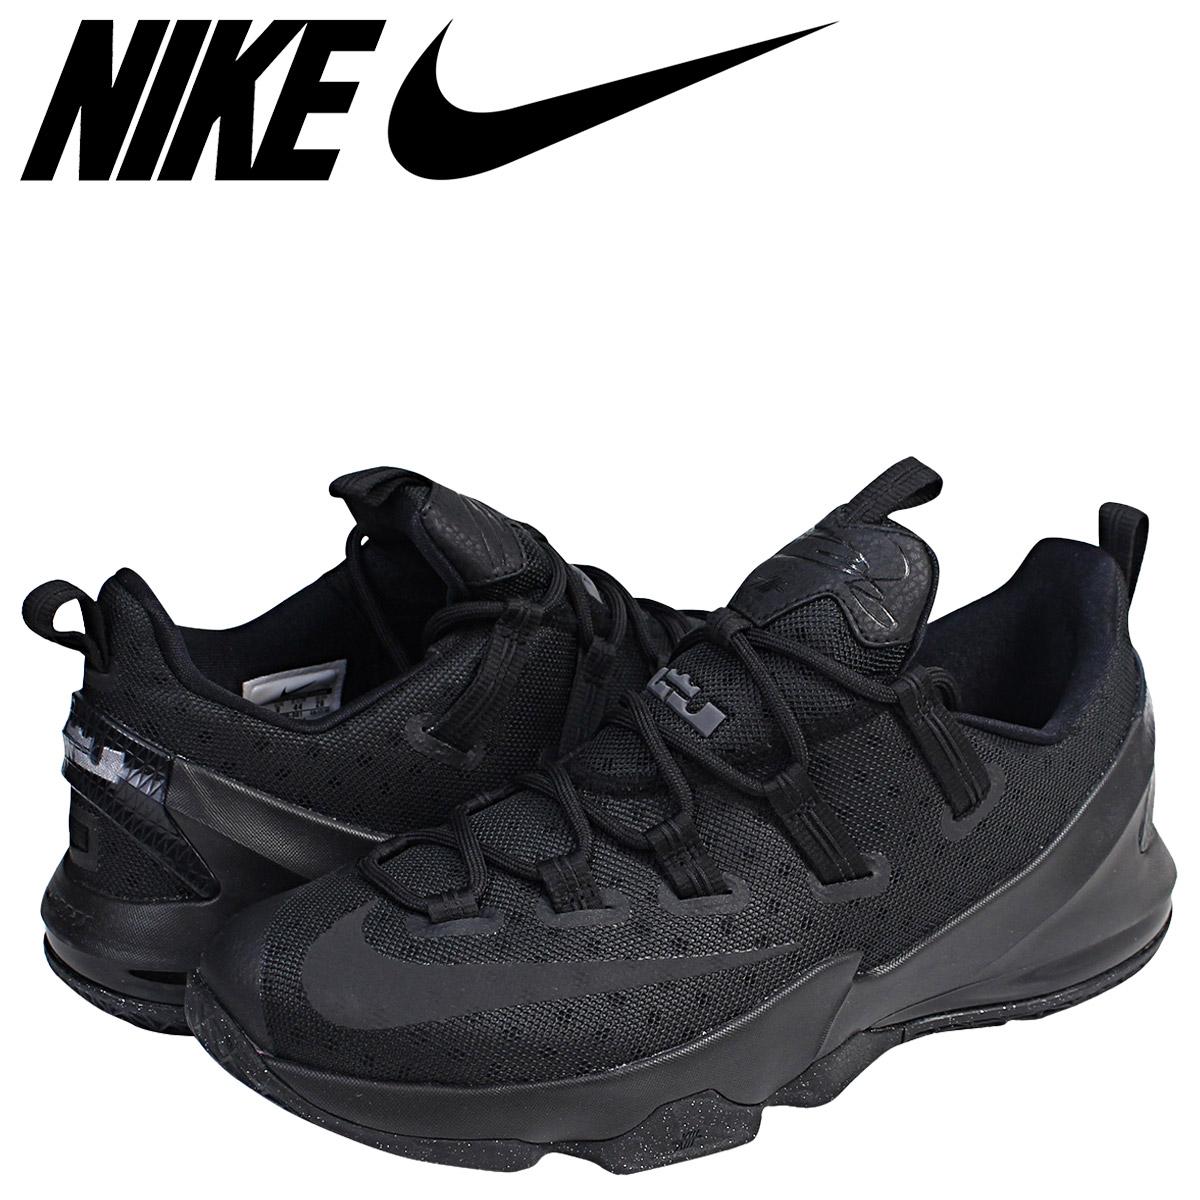 new product 6b032 76534 NIKE Nike Revlon 13 sneakers LEBRON 13 LOW EP 831,926-001 Revlon James men  shoes black